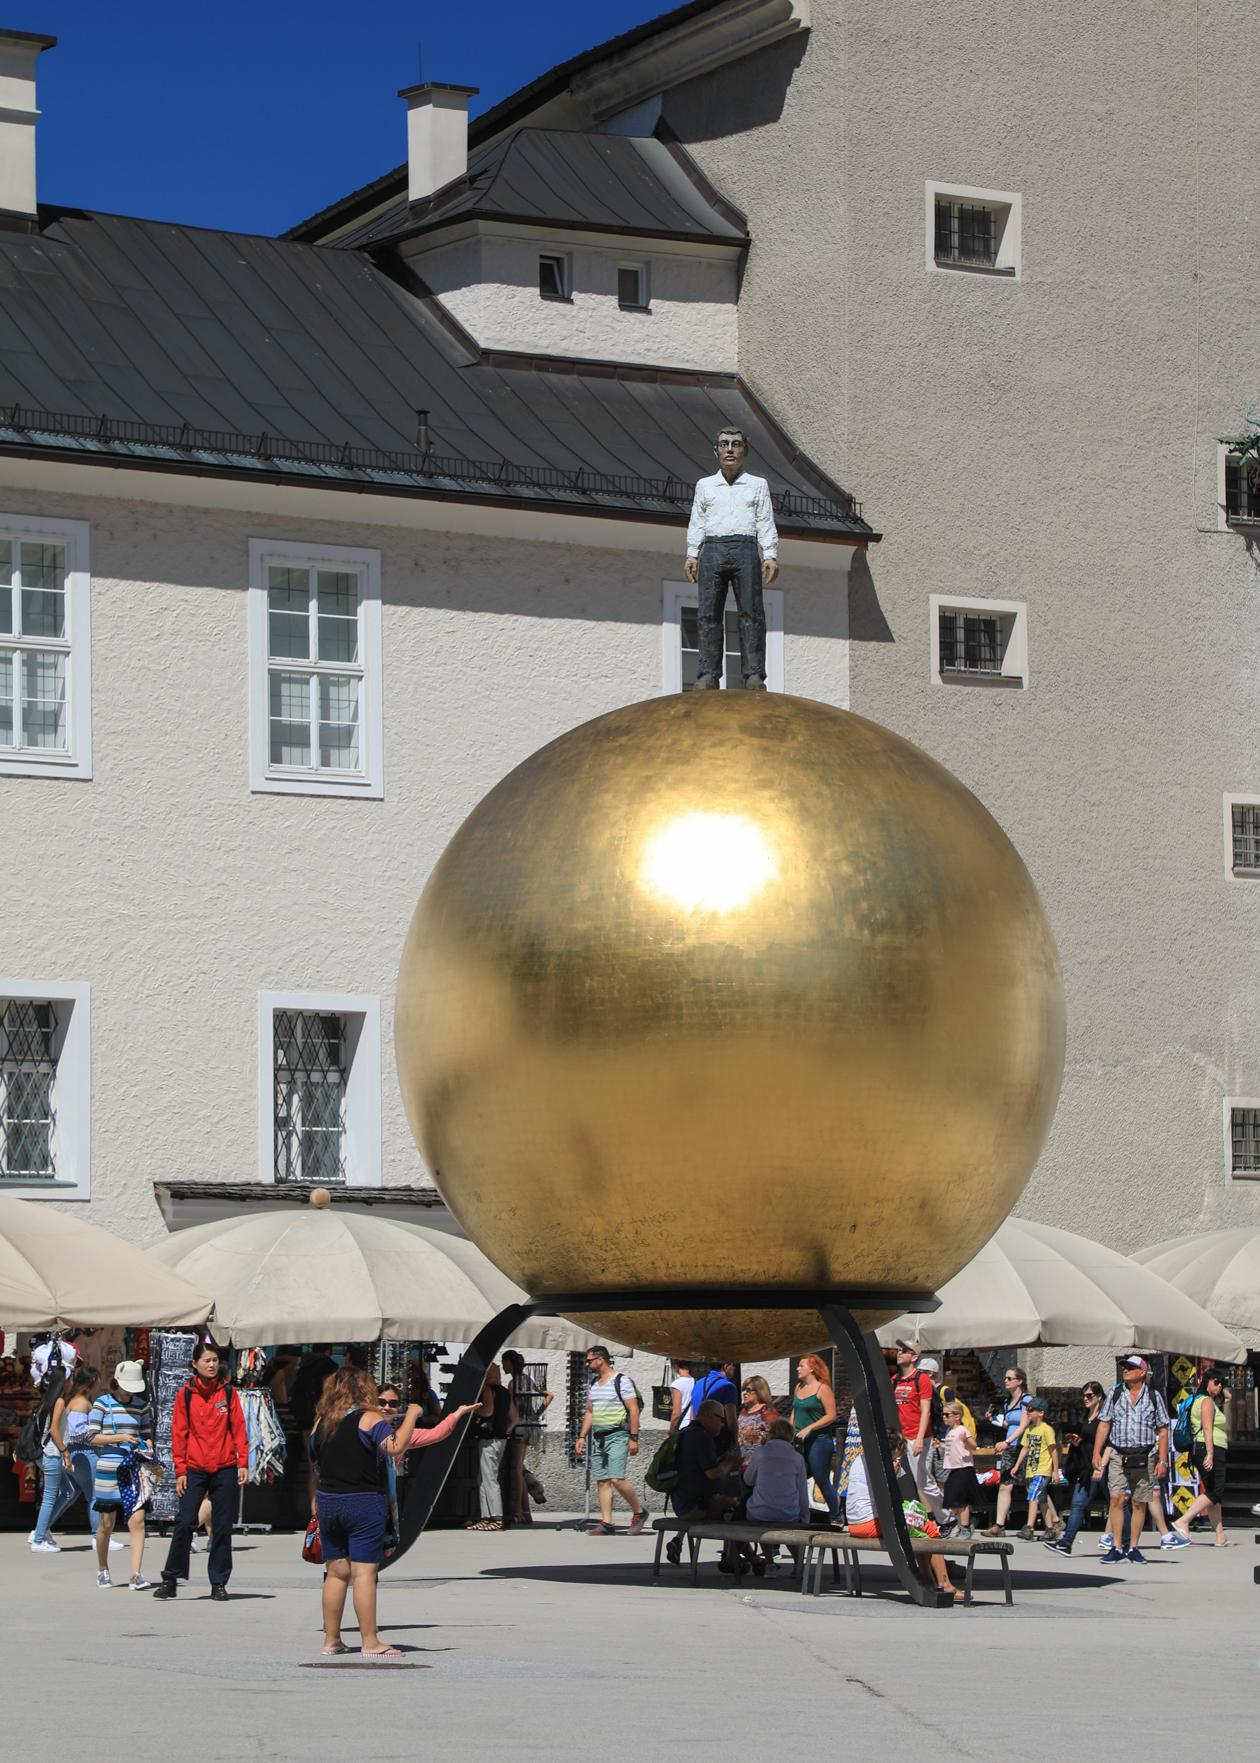 salzburg-kapitalplatz